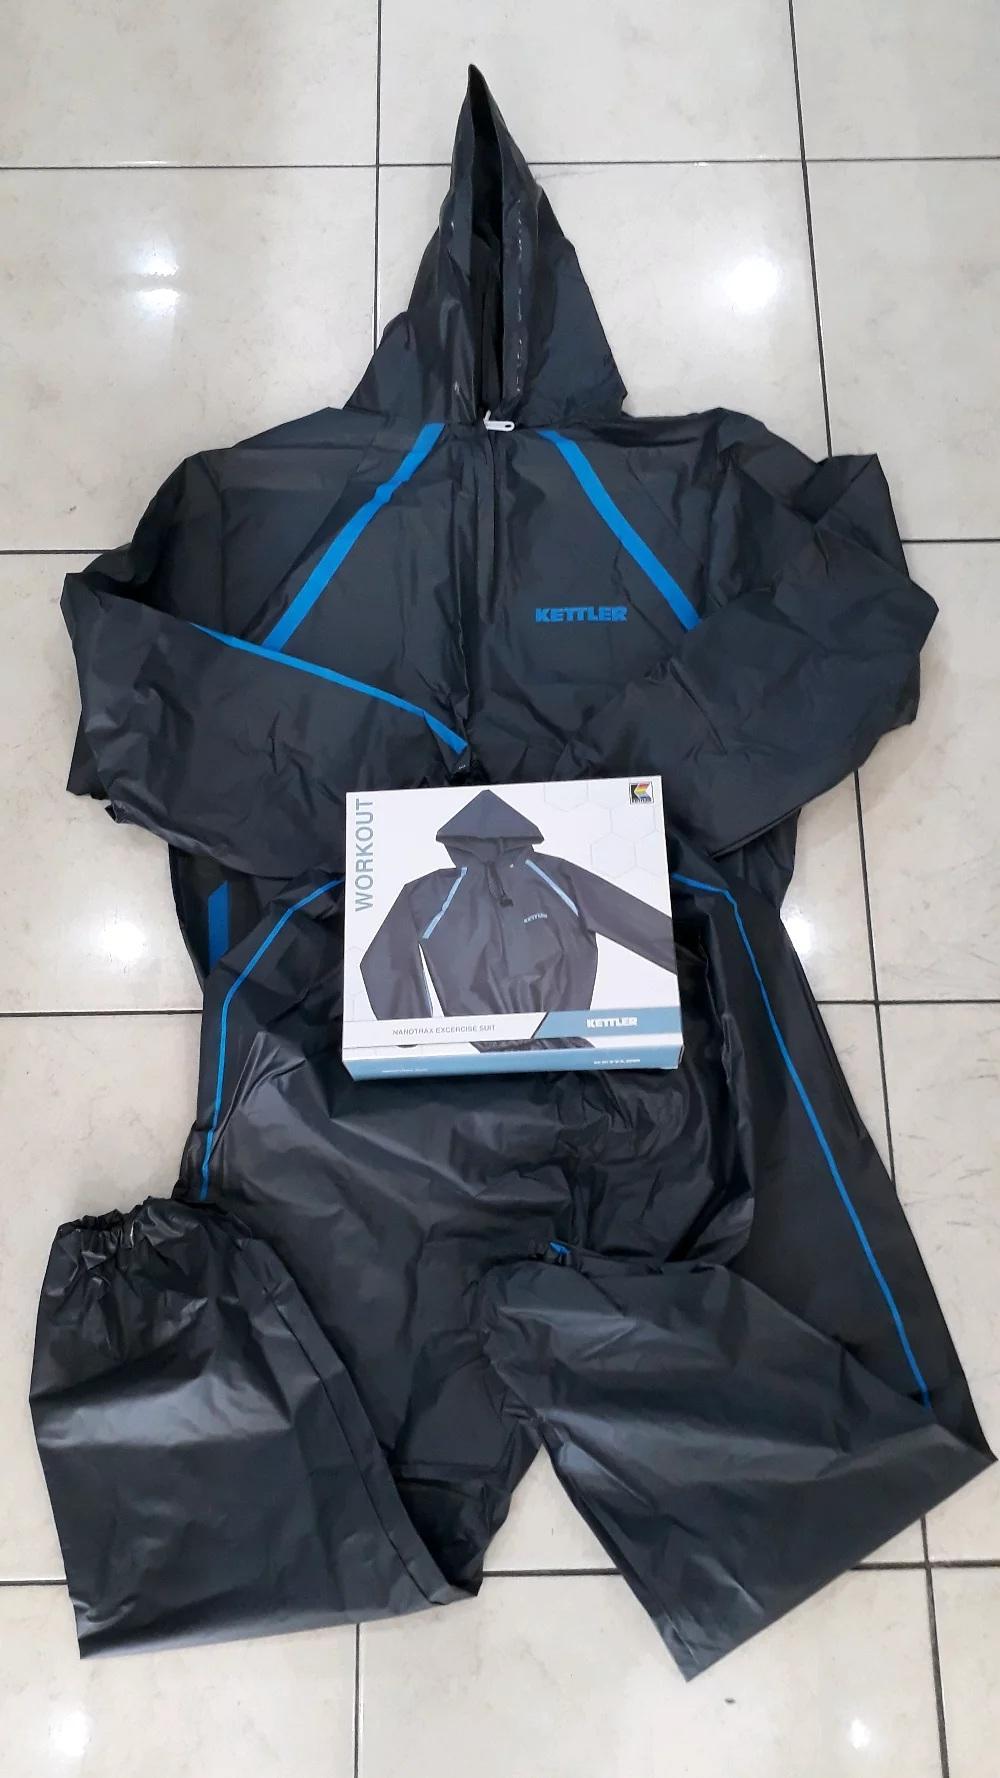 ... Safety Shoes DOZZER 502 Coklat Muda Source Kettler Baju Sauna Sauna Suit Abu2 Tua